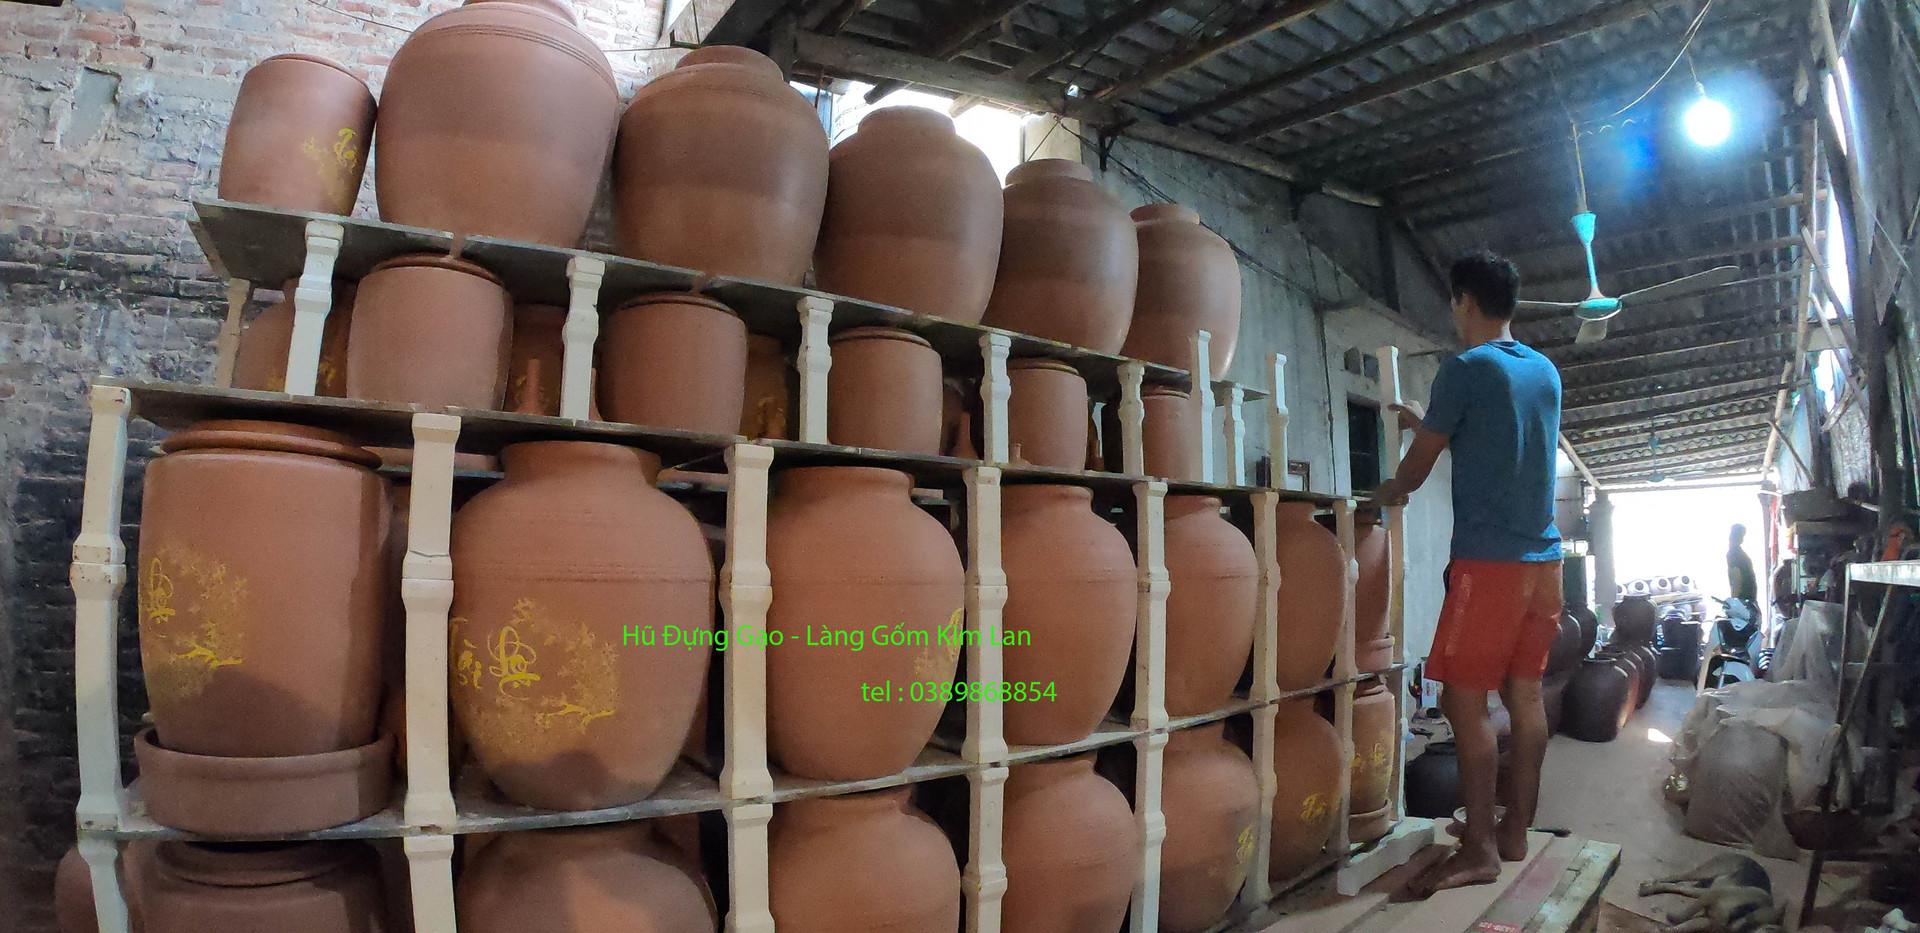 hũ đựng gạo - làng gốm kim lan 2